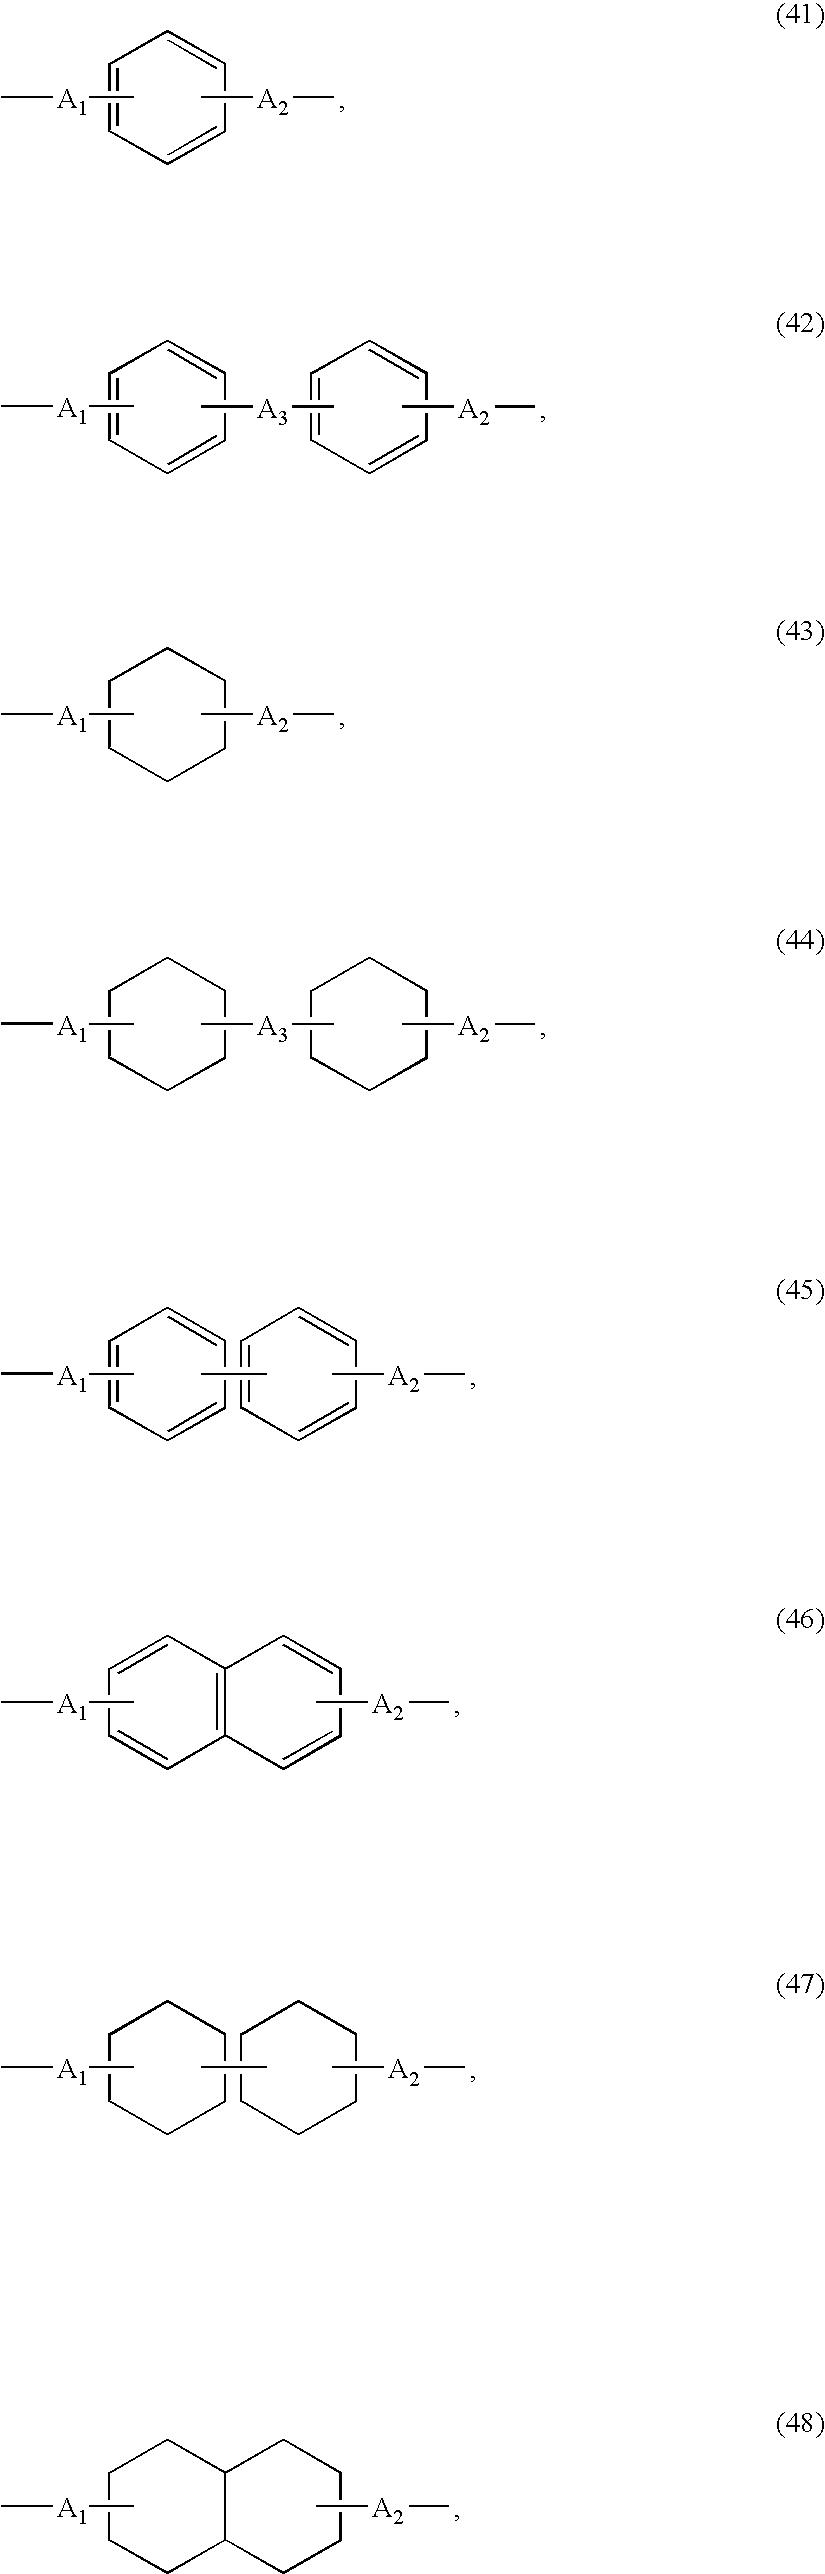 Figure US20050004325A1-20050106-C00027